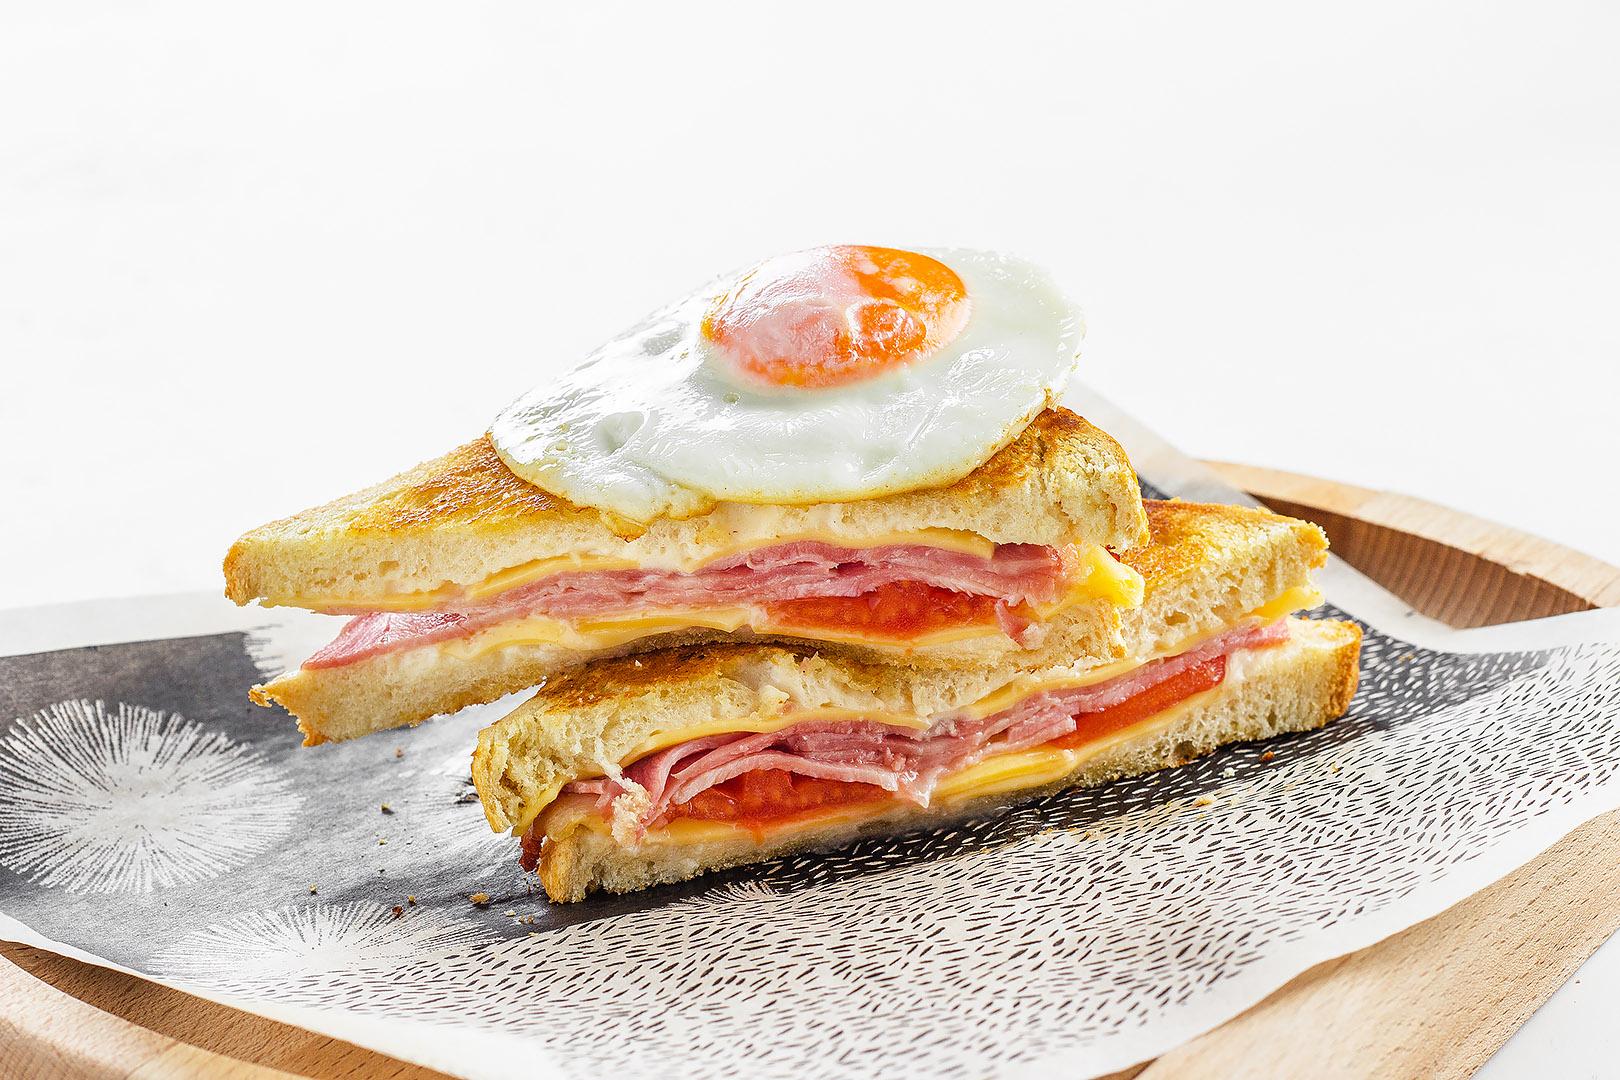 Cэндвич Крок мадам с тамбовским окороком и сыром